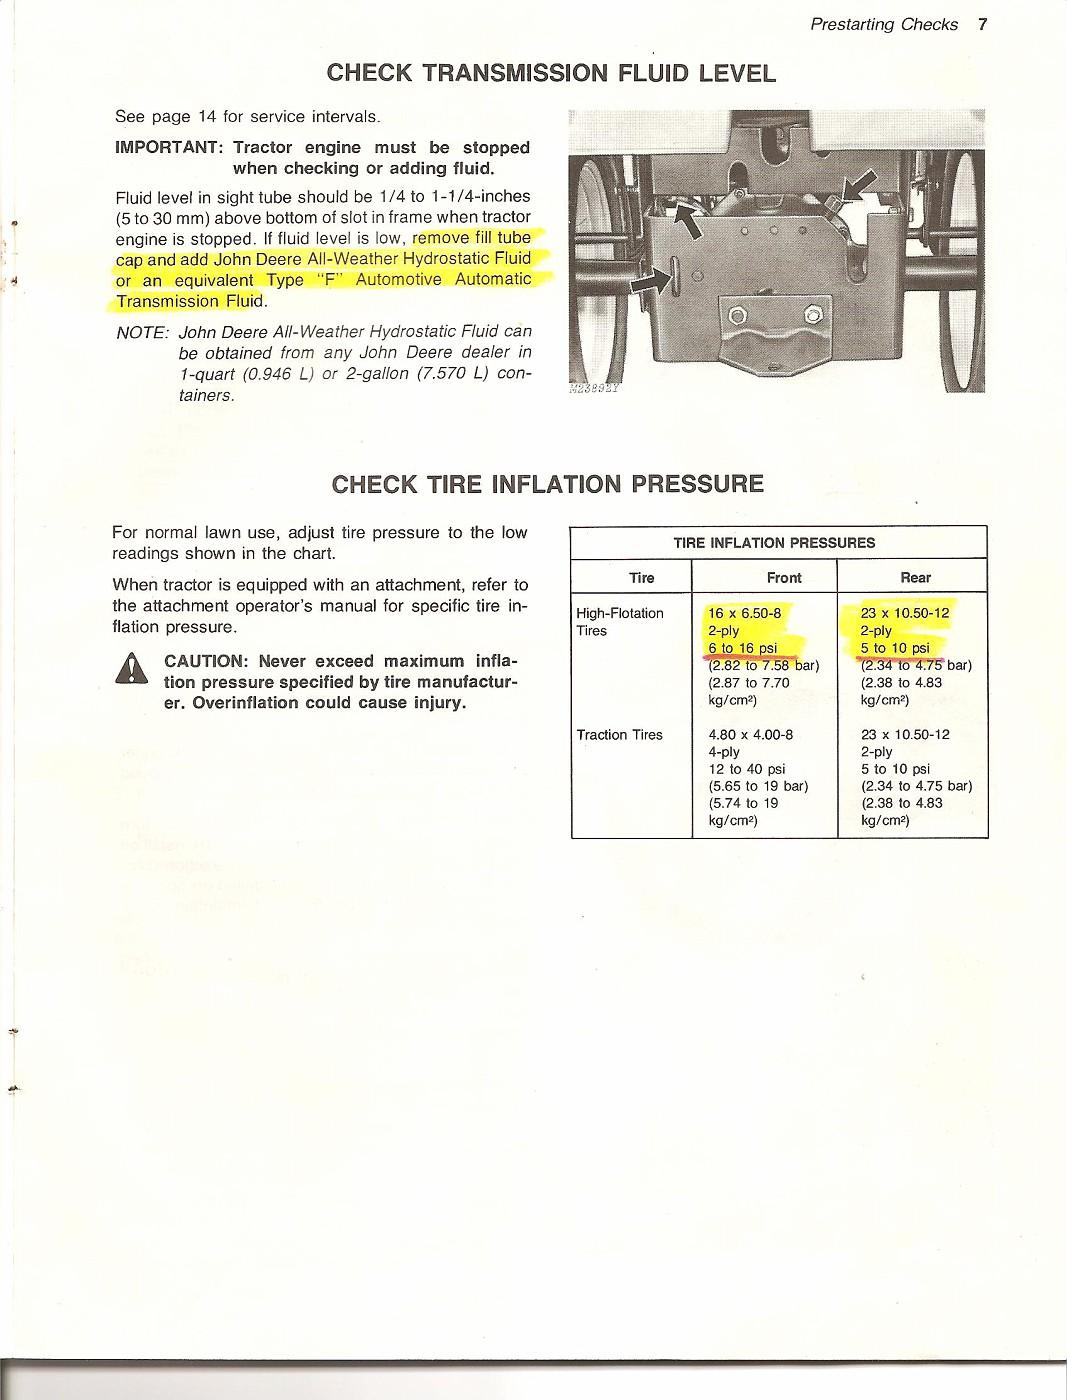 John Deere 317 Operator's Manual album | BobK | Fotki.com ... on john deere 111 lawn tractor wiring diagram, john deere 160 lawn tractor wiring diagram, john deere 322 lawn tractor wiring diagram, john deere 455 lawn tractor wiring diagram, john deere 345 lawn tractor wiring diagram, john deere 110 lawn tractor wiring diagram, john deere 445 lawn tractor wiring diagram, john deere 140 lawn tractor wiring diagram, john deere 318 lawn tractor wiring diagram, john deere 300 lawn tractor wiring diagram,